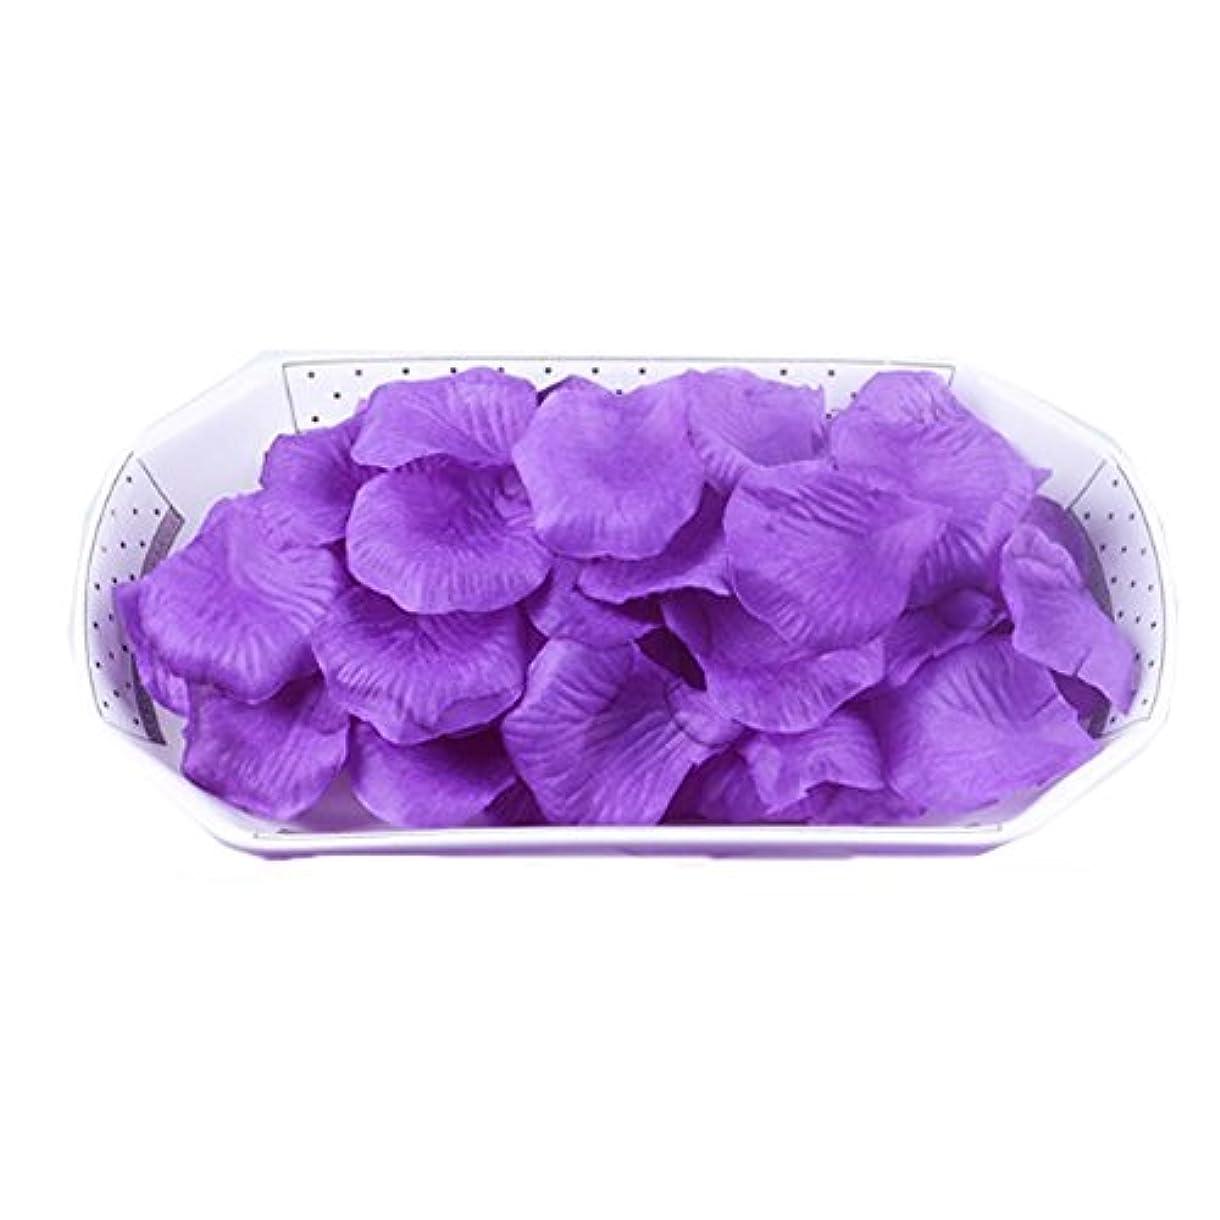 ムスわかりやすいサッカー結婚式の装飾のための人工花の花びら紫2000 PC